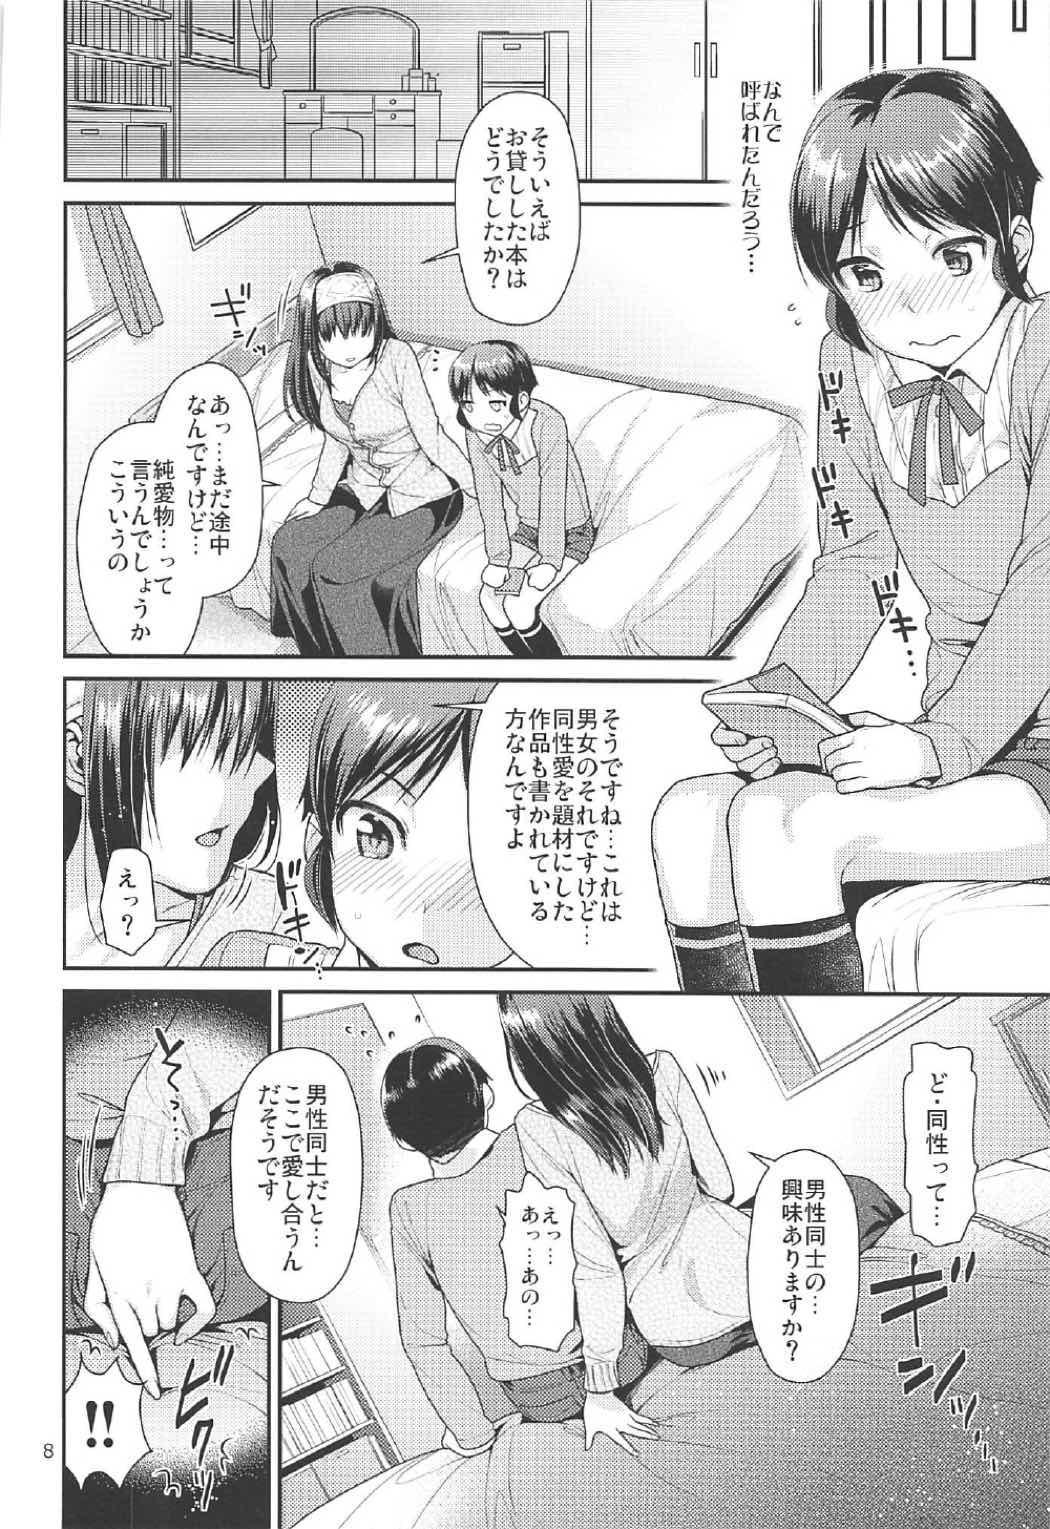 Shounen Arisu to Himitsu no Tobira 6